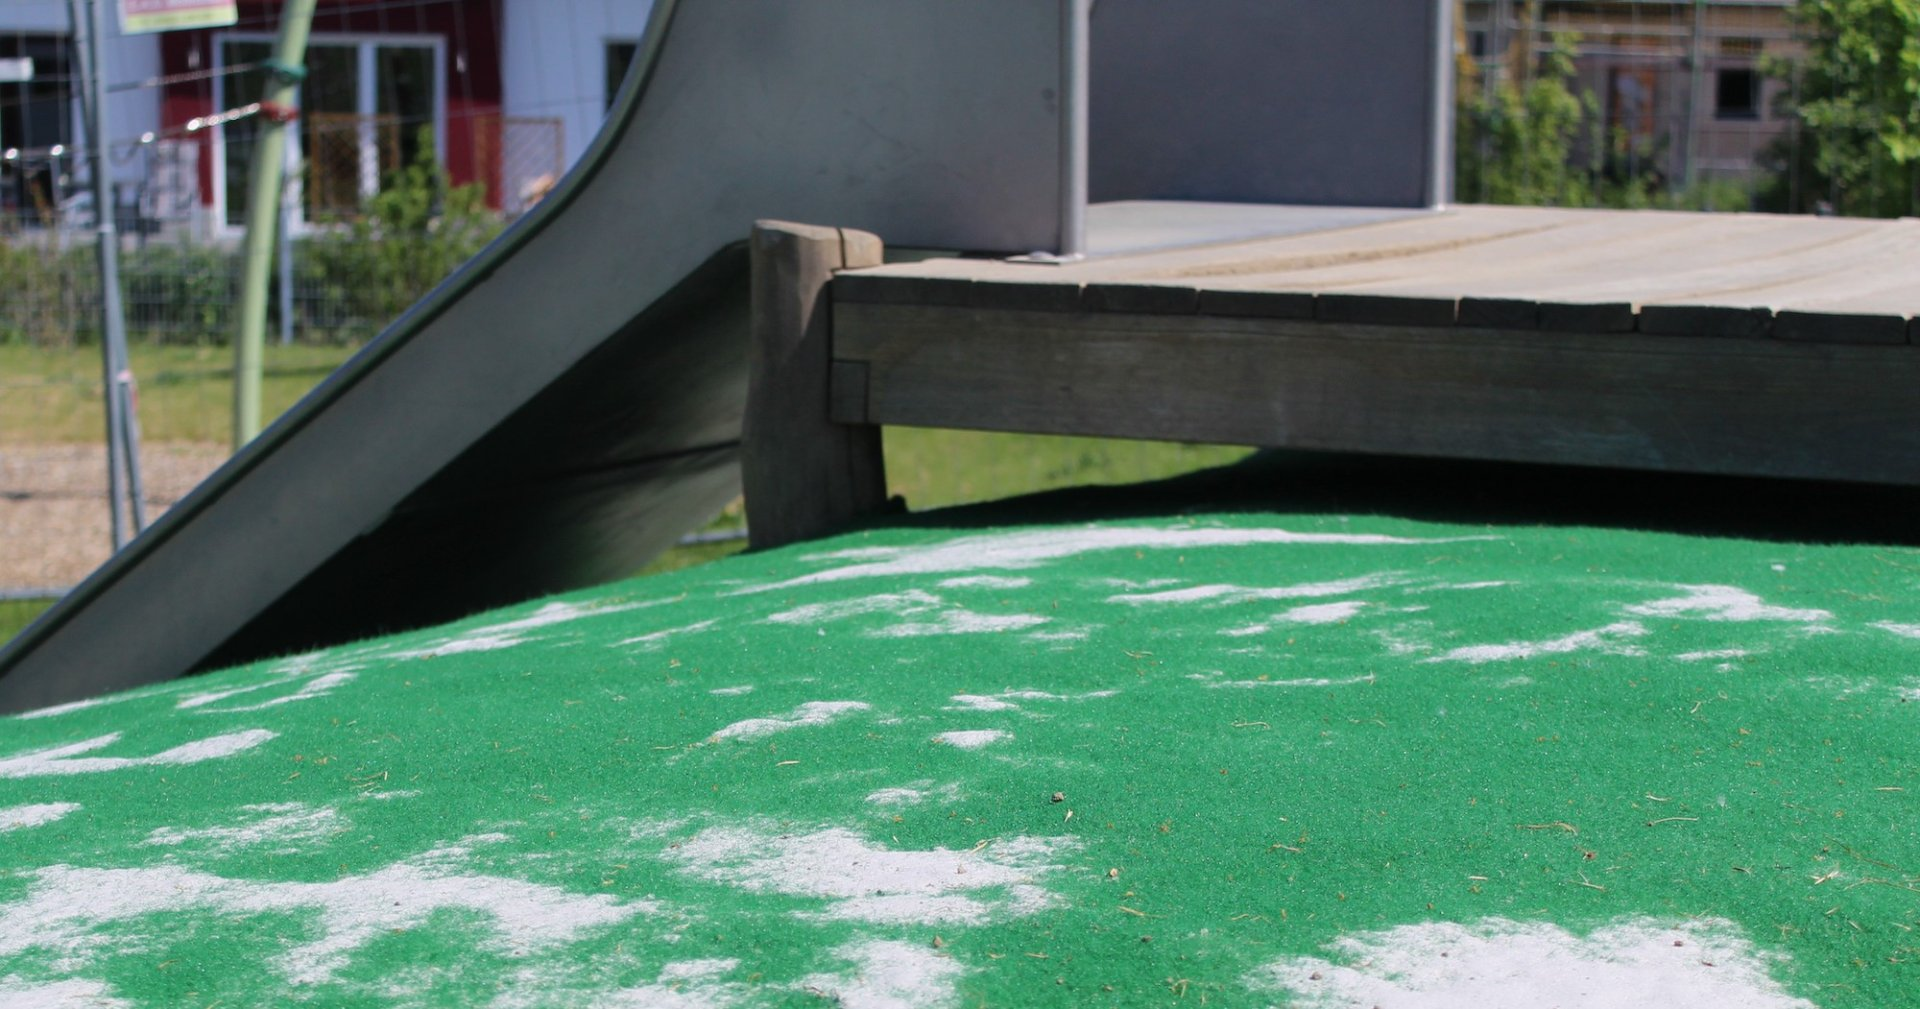 Grünes Teppichvlies von ChildsPlay bedeckt eine Hangrutsche.